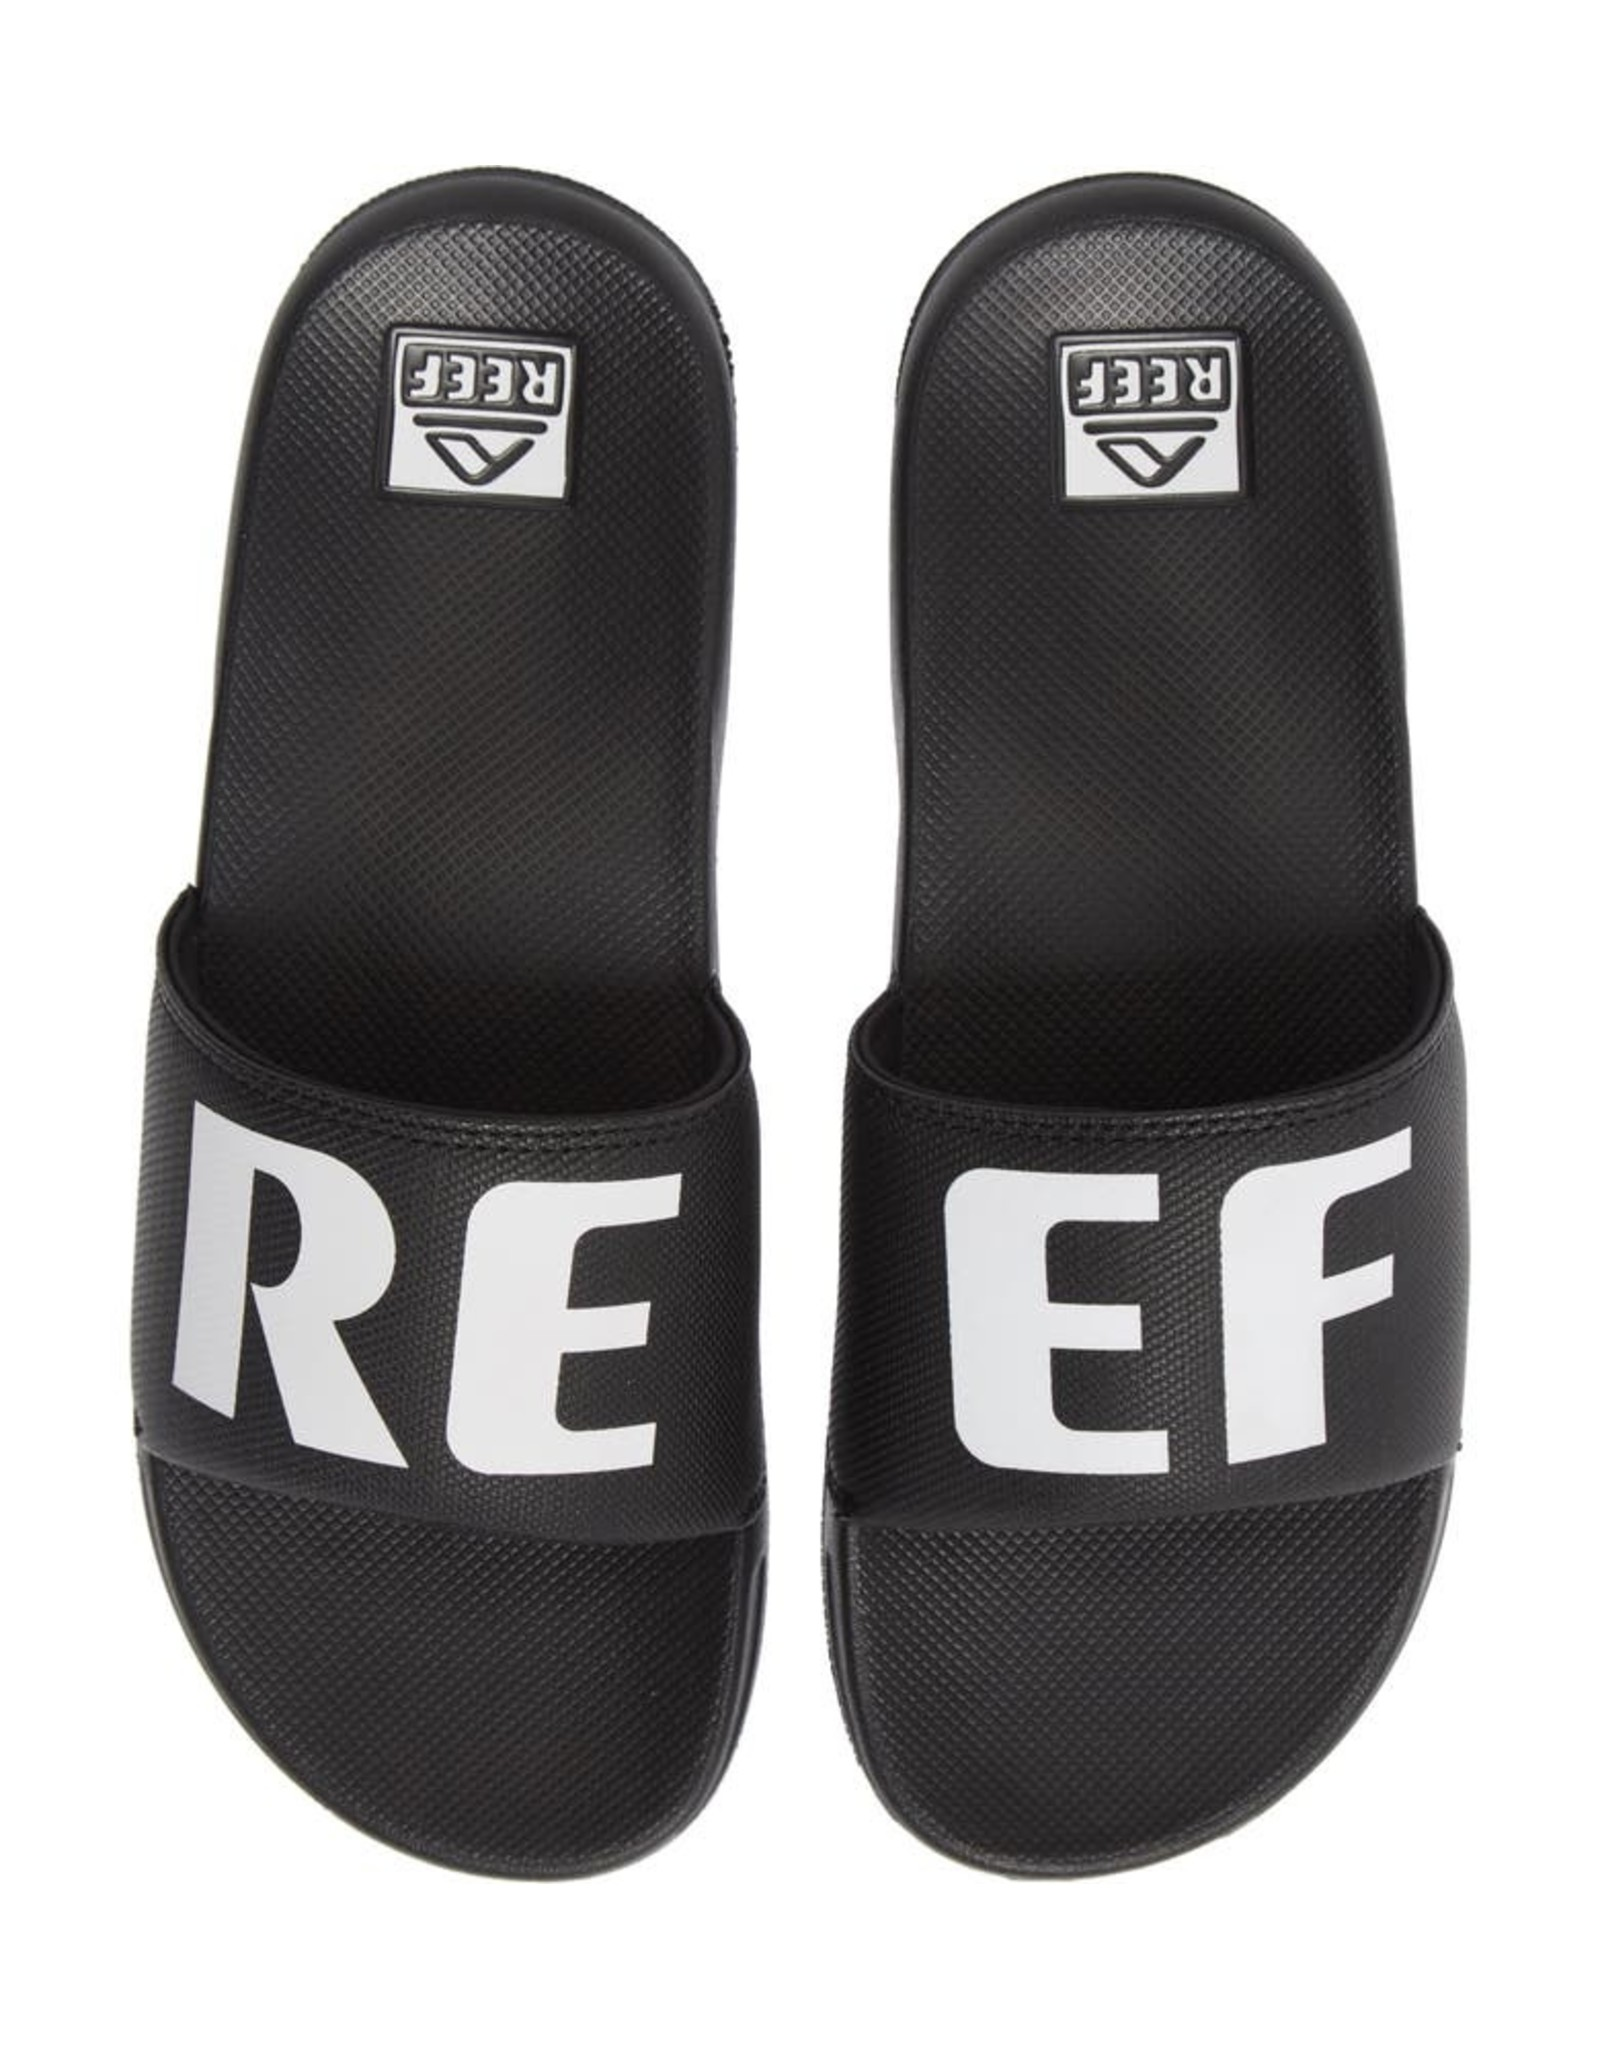 Reef SANDAL REEF ONE